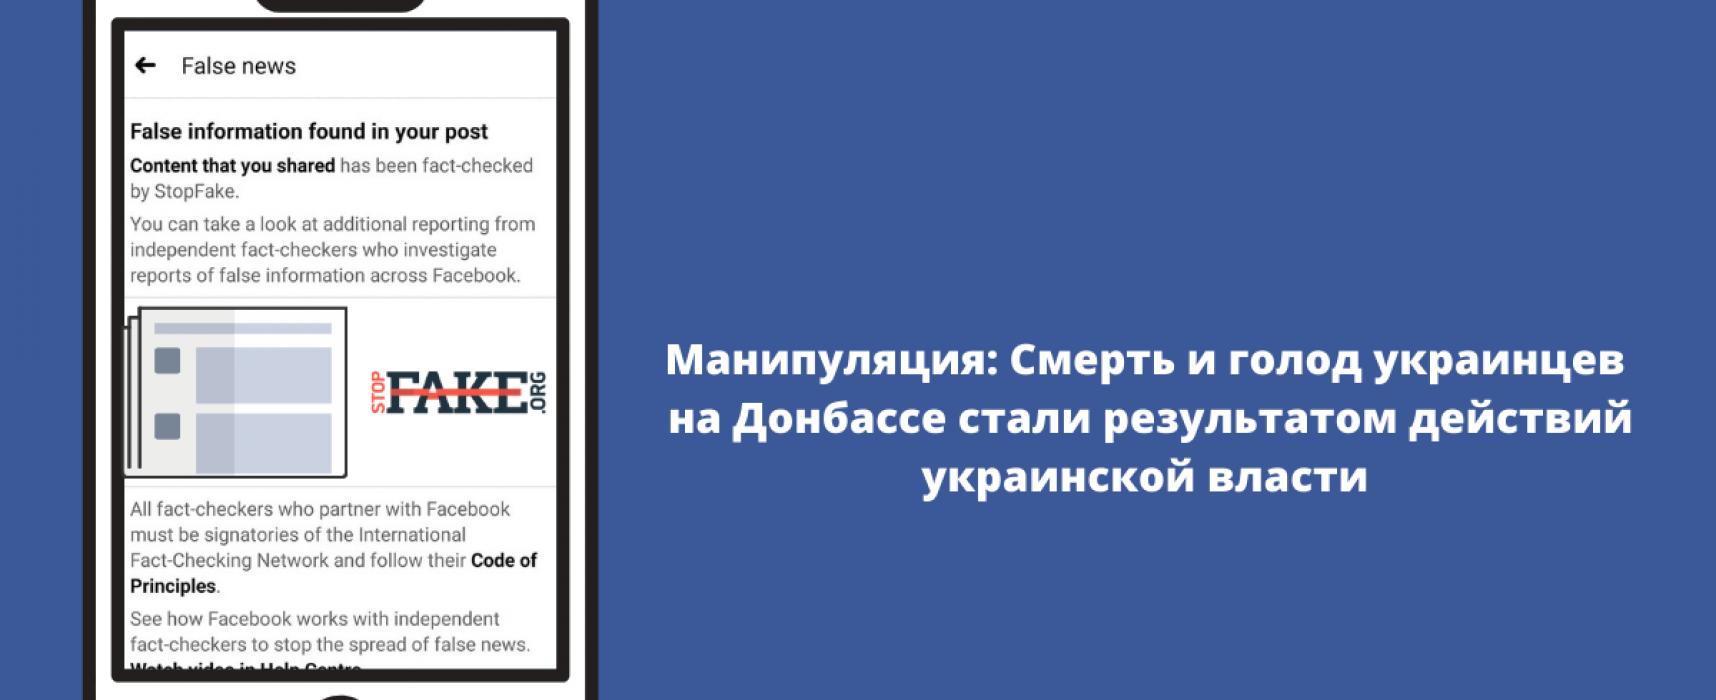 Маніпуляція: Смерть і голод українців на Донбасі стали результатом дій української влади